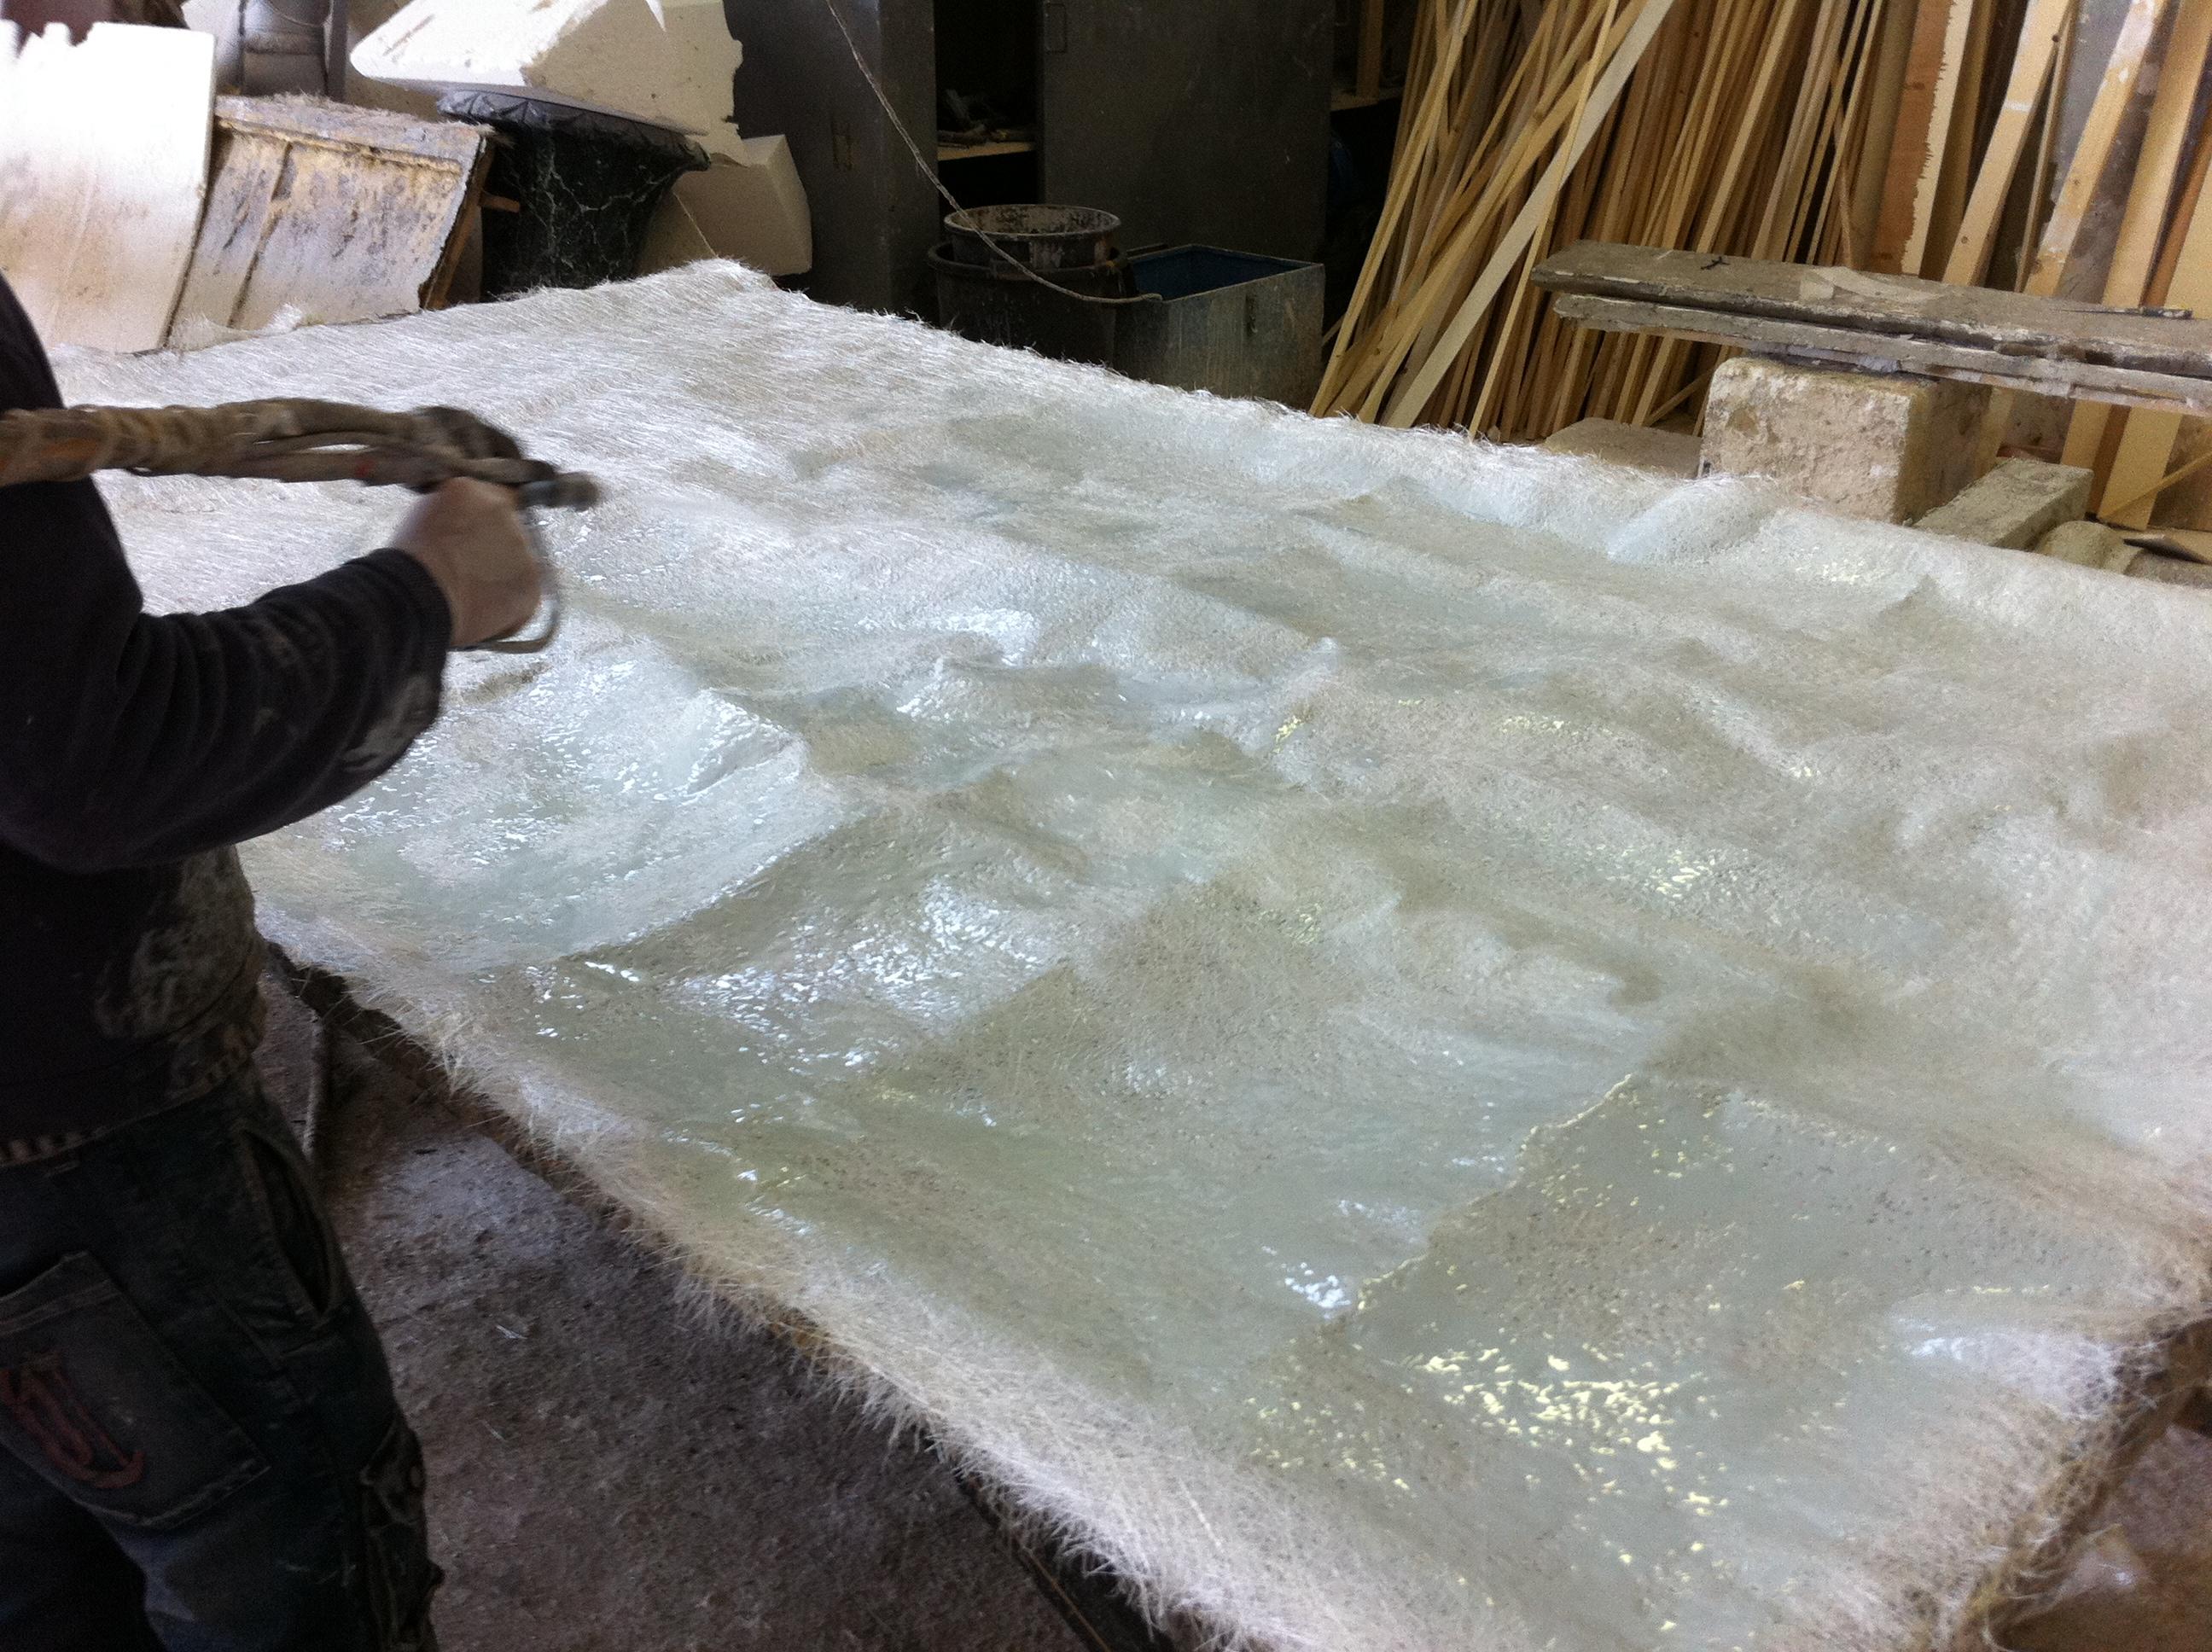 Lavorazione resina e poliurea poliurea e resina for Scenografie in polistirolo